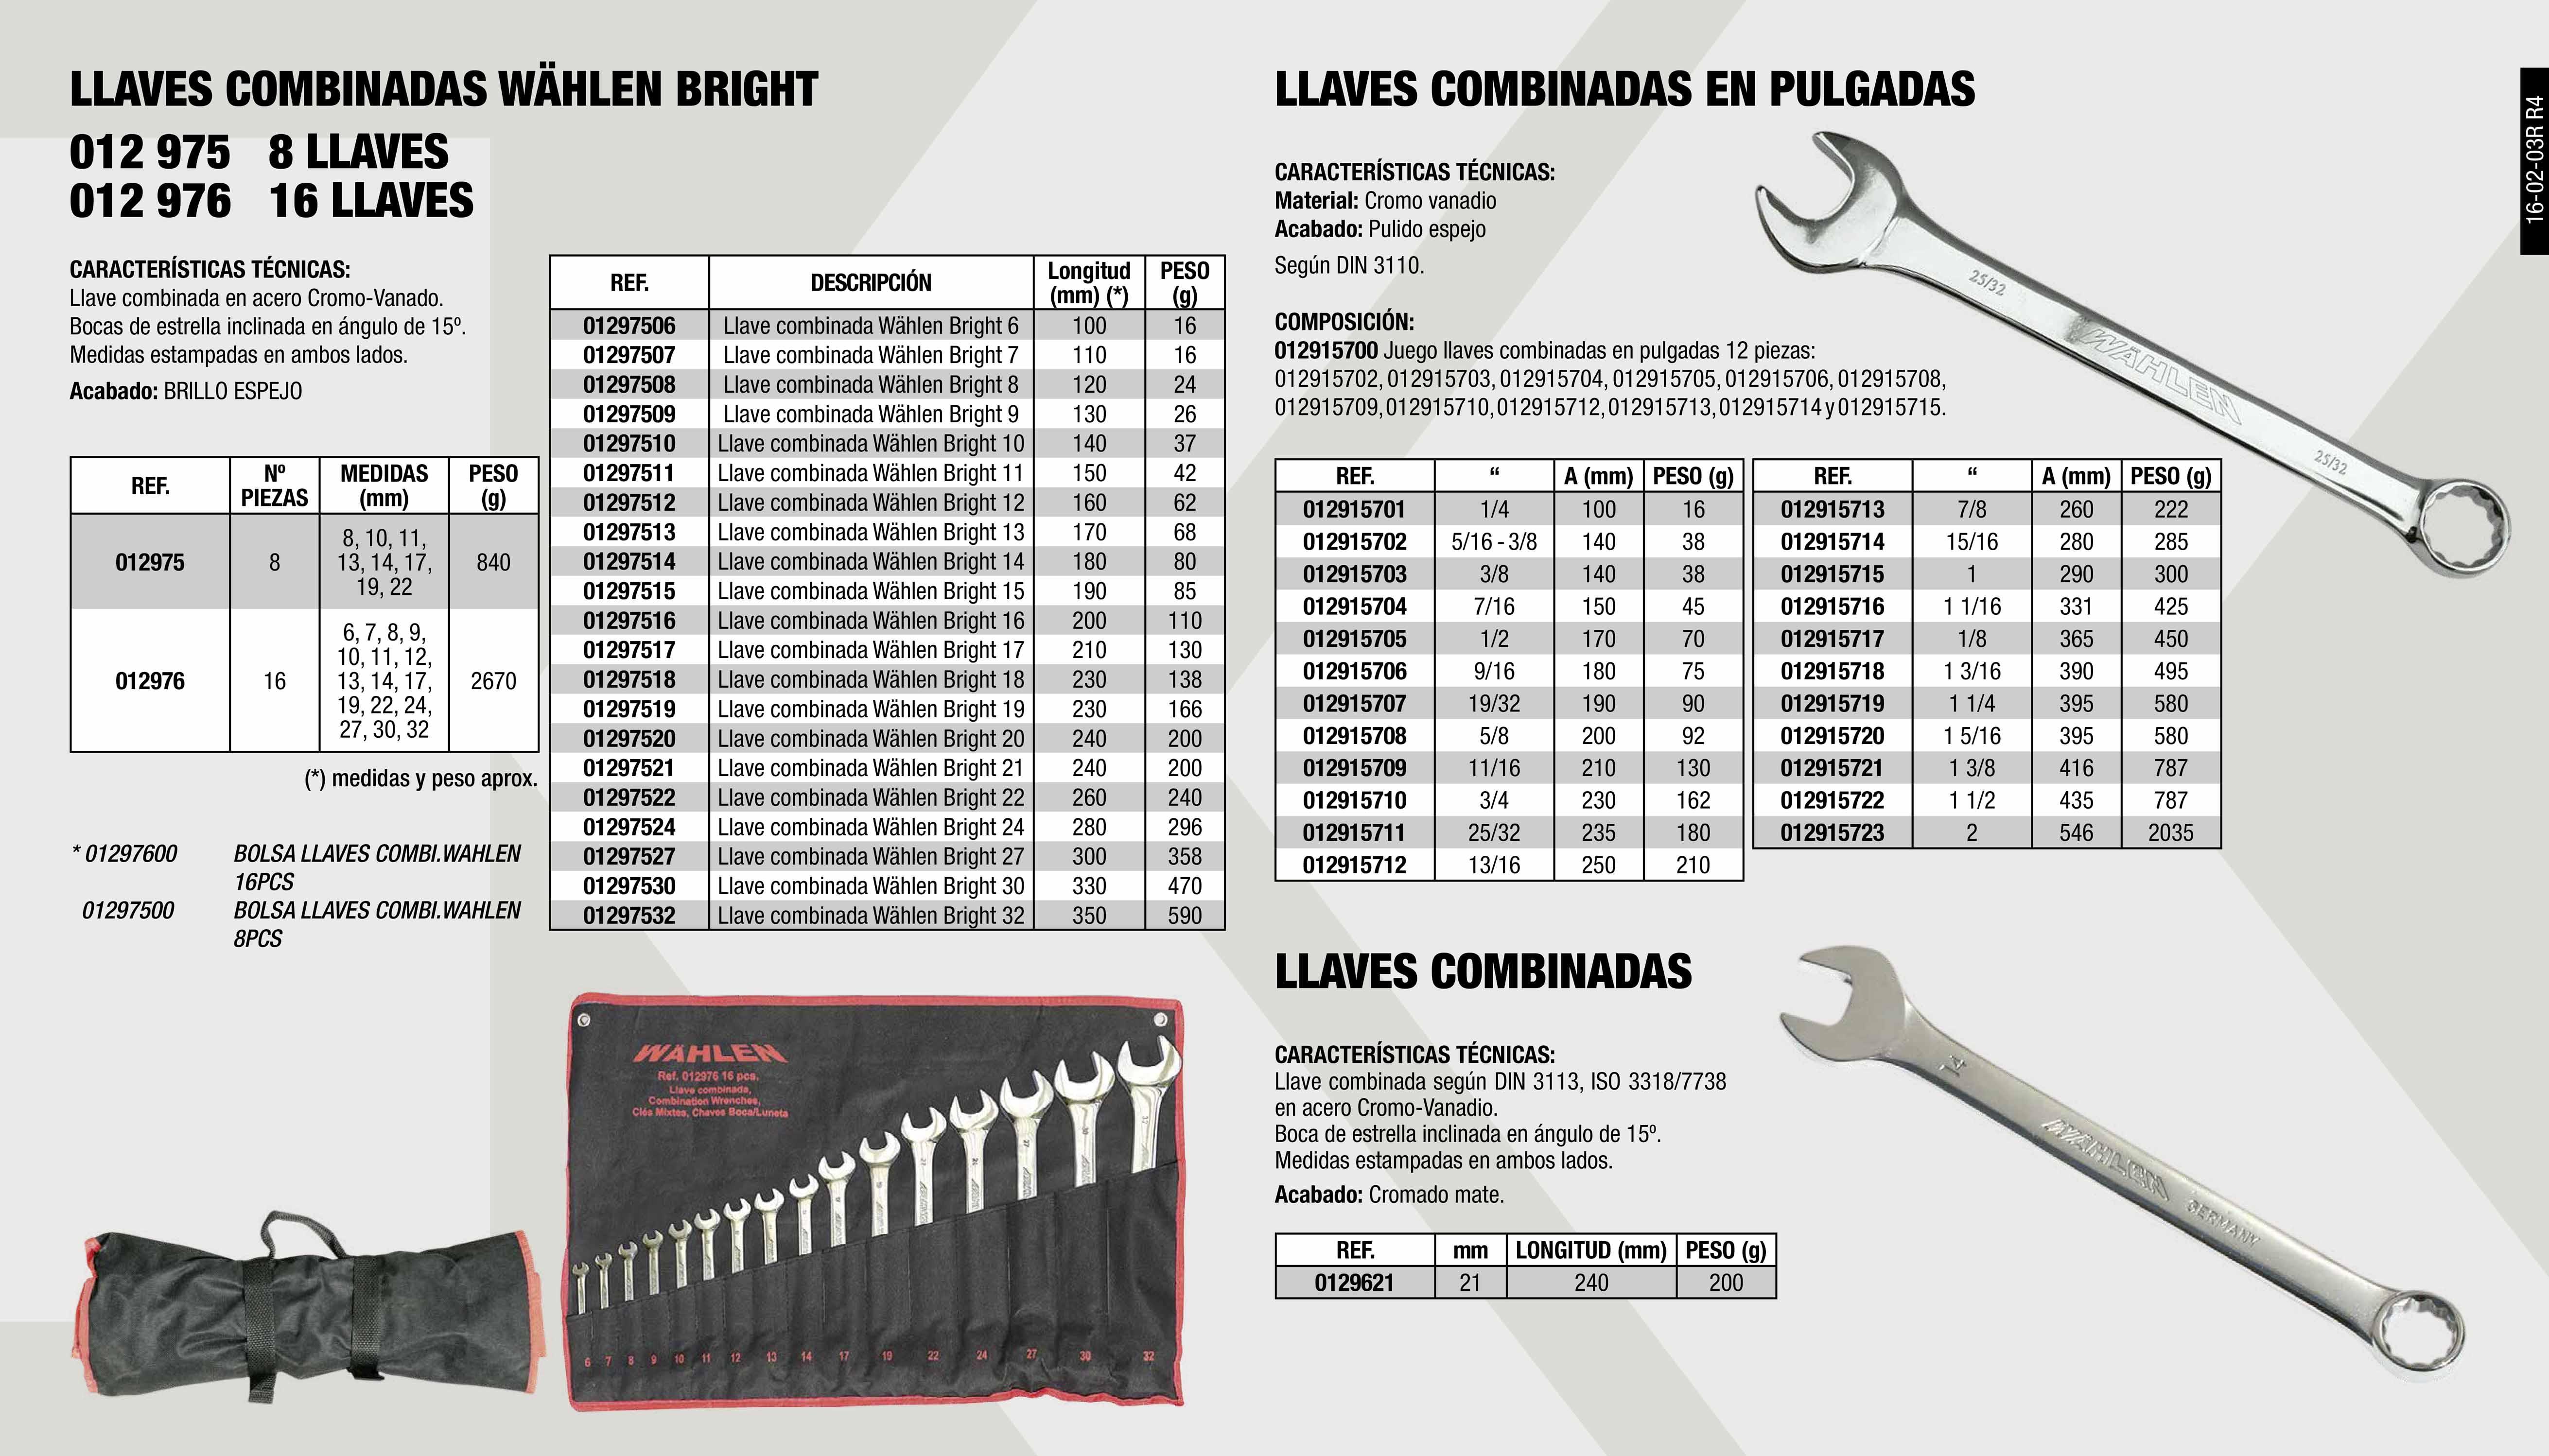 LLAVE COMBI. WAHLEN BRIGHT 12MM                             ,  LLAVE COMBI. WAHLEN BRIGHT 19MM                             ,  LLAVE COMBINADA EN PULGADAS 1 1/8                           ,  LLAVE COMBI. WAHLEN BRIGHT 27MM                             ,  BOLSA LLAVES COMBI.WAHLEN 16PCS                             ,  LLAVE COMBINADA EN PULGADAS 1 1/16                          ,  LLAVE COMBINADA EN PULGADAS 9/16                            ,  JG.8 LLAVES COMBI. WAHLEN BRIGHT                            ,  LLAVE COMBI. WAHLEN BRIGHT 18MM                             ,  LLAVE COMBI. WAHLEN BRIGHT 21MM                             ,  LLAVE COMBI. WAHLEN BRIGHT 24MM                             ,  LLAVE COMBINADA EN PULGADAS 7/8                             ,  LLAVE COMBI. WAHLEN BRIGHT 6MM                              ,  LLAVE COMBINADA WAHLEN 19MM                                 ,  LLAVE COMBI. WAHLEN BRIGHT 14MM                             ,  LLAVE COMBINADA EN PULGADAS 1 1/2                           ,  LLAVE COMBINADA EN PULGADAS 19/32                           ,  LLAVE COMBI. WAHLEN BRIGHT 7MM                              ,  LLAVE COMBI. WAHLEN BRIGHT 10MM                             ,  LLAVE COMBI. WAHLEN BRIGHT 13MM                             ,  LLAVE COMBINADA EN PULGADAS 15/16                           ,  LLAVE COMBINADA EN PULGADAS 7/16                            ,  JG.16 LLAVES COMBI. WAHLEN BRIGHT                           ,  LLAVE COMBI. WAHLEN BRIGHT 17MM                             ,  LLAVE COMBI. WAHLEN BRIGHT 22MM                             ,  LLAVE COMBINADA WAHLEN 21MM                                 ,  LLAVE COMBINADA EN PULGADAS 1 3/8                           ,  LLAVE COMBINADA EN PULGADAS 5/8                             ,  LLAVE COMBI. WAHLEN BRIGHT 9MM                              ,  LLAVE COMBI. WAHLEN BRIGHT 11MM                             ,  JUEGO LLAVES COMBINADAS EN PULGADAS 12PCS                   ,  LLAVE COMBINADA WAHLEN 30MM                    